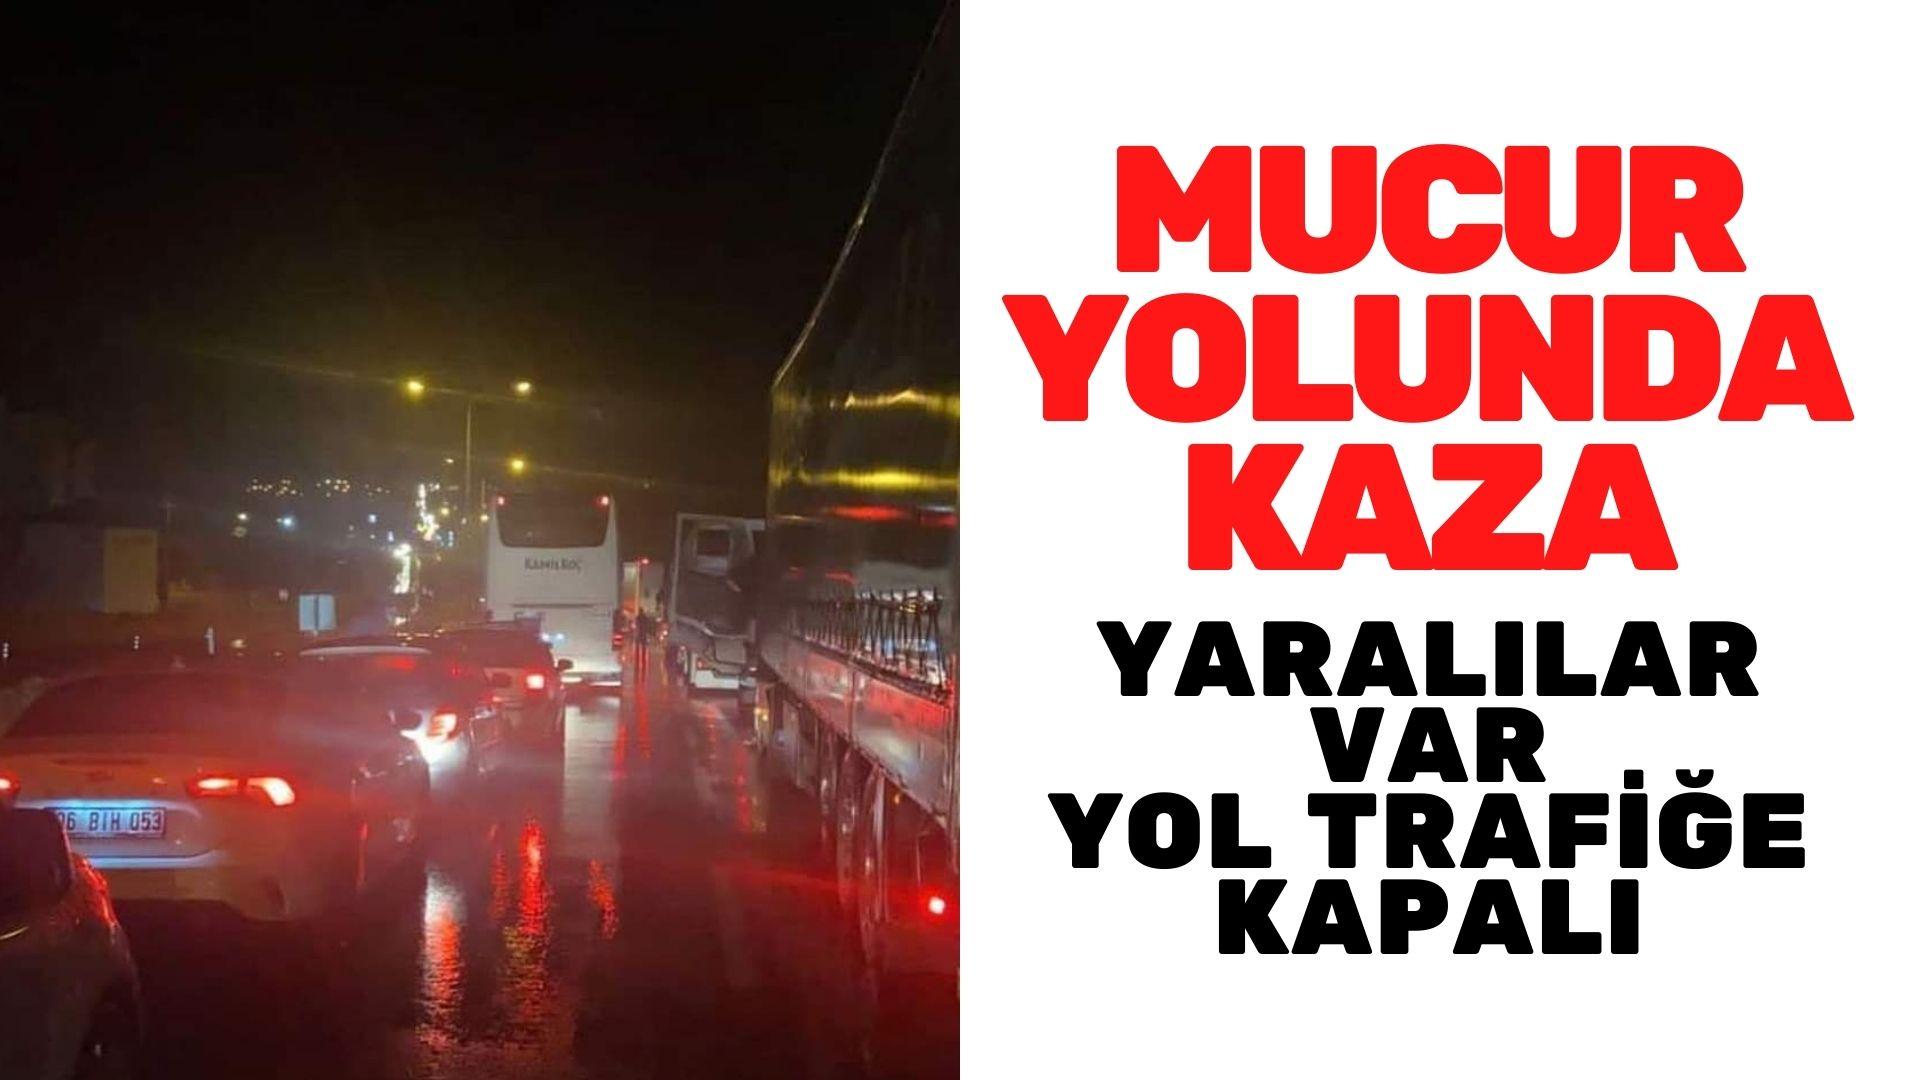 Mucur-Kırşehir arası kaza, yol kapalı